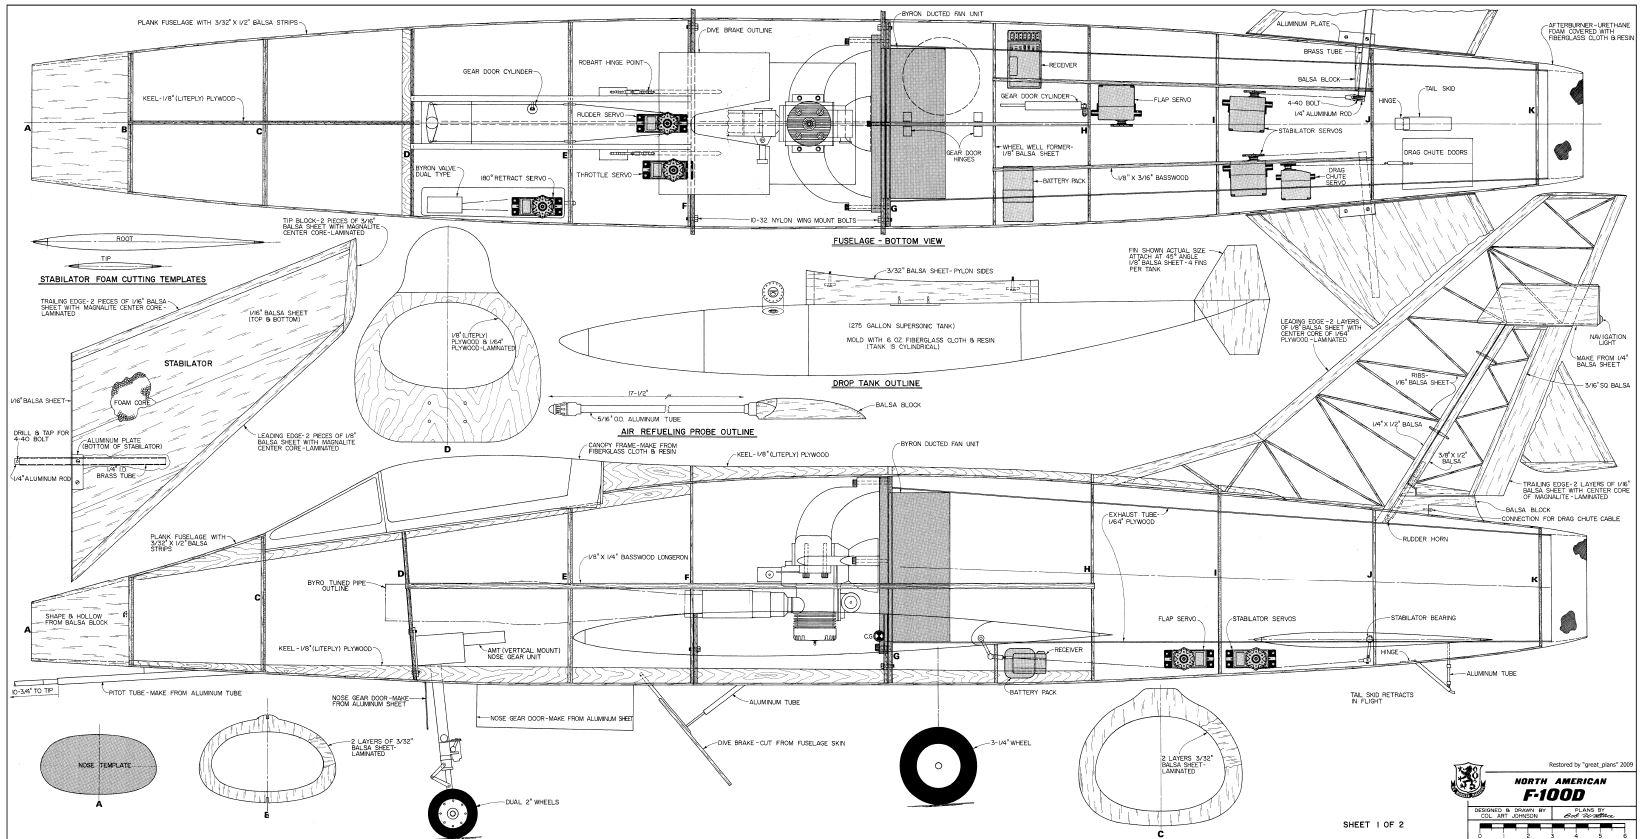 F 100 Super Sabre 1 8th Build 70